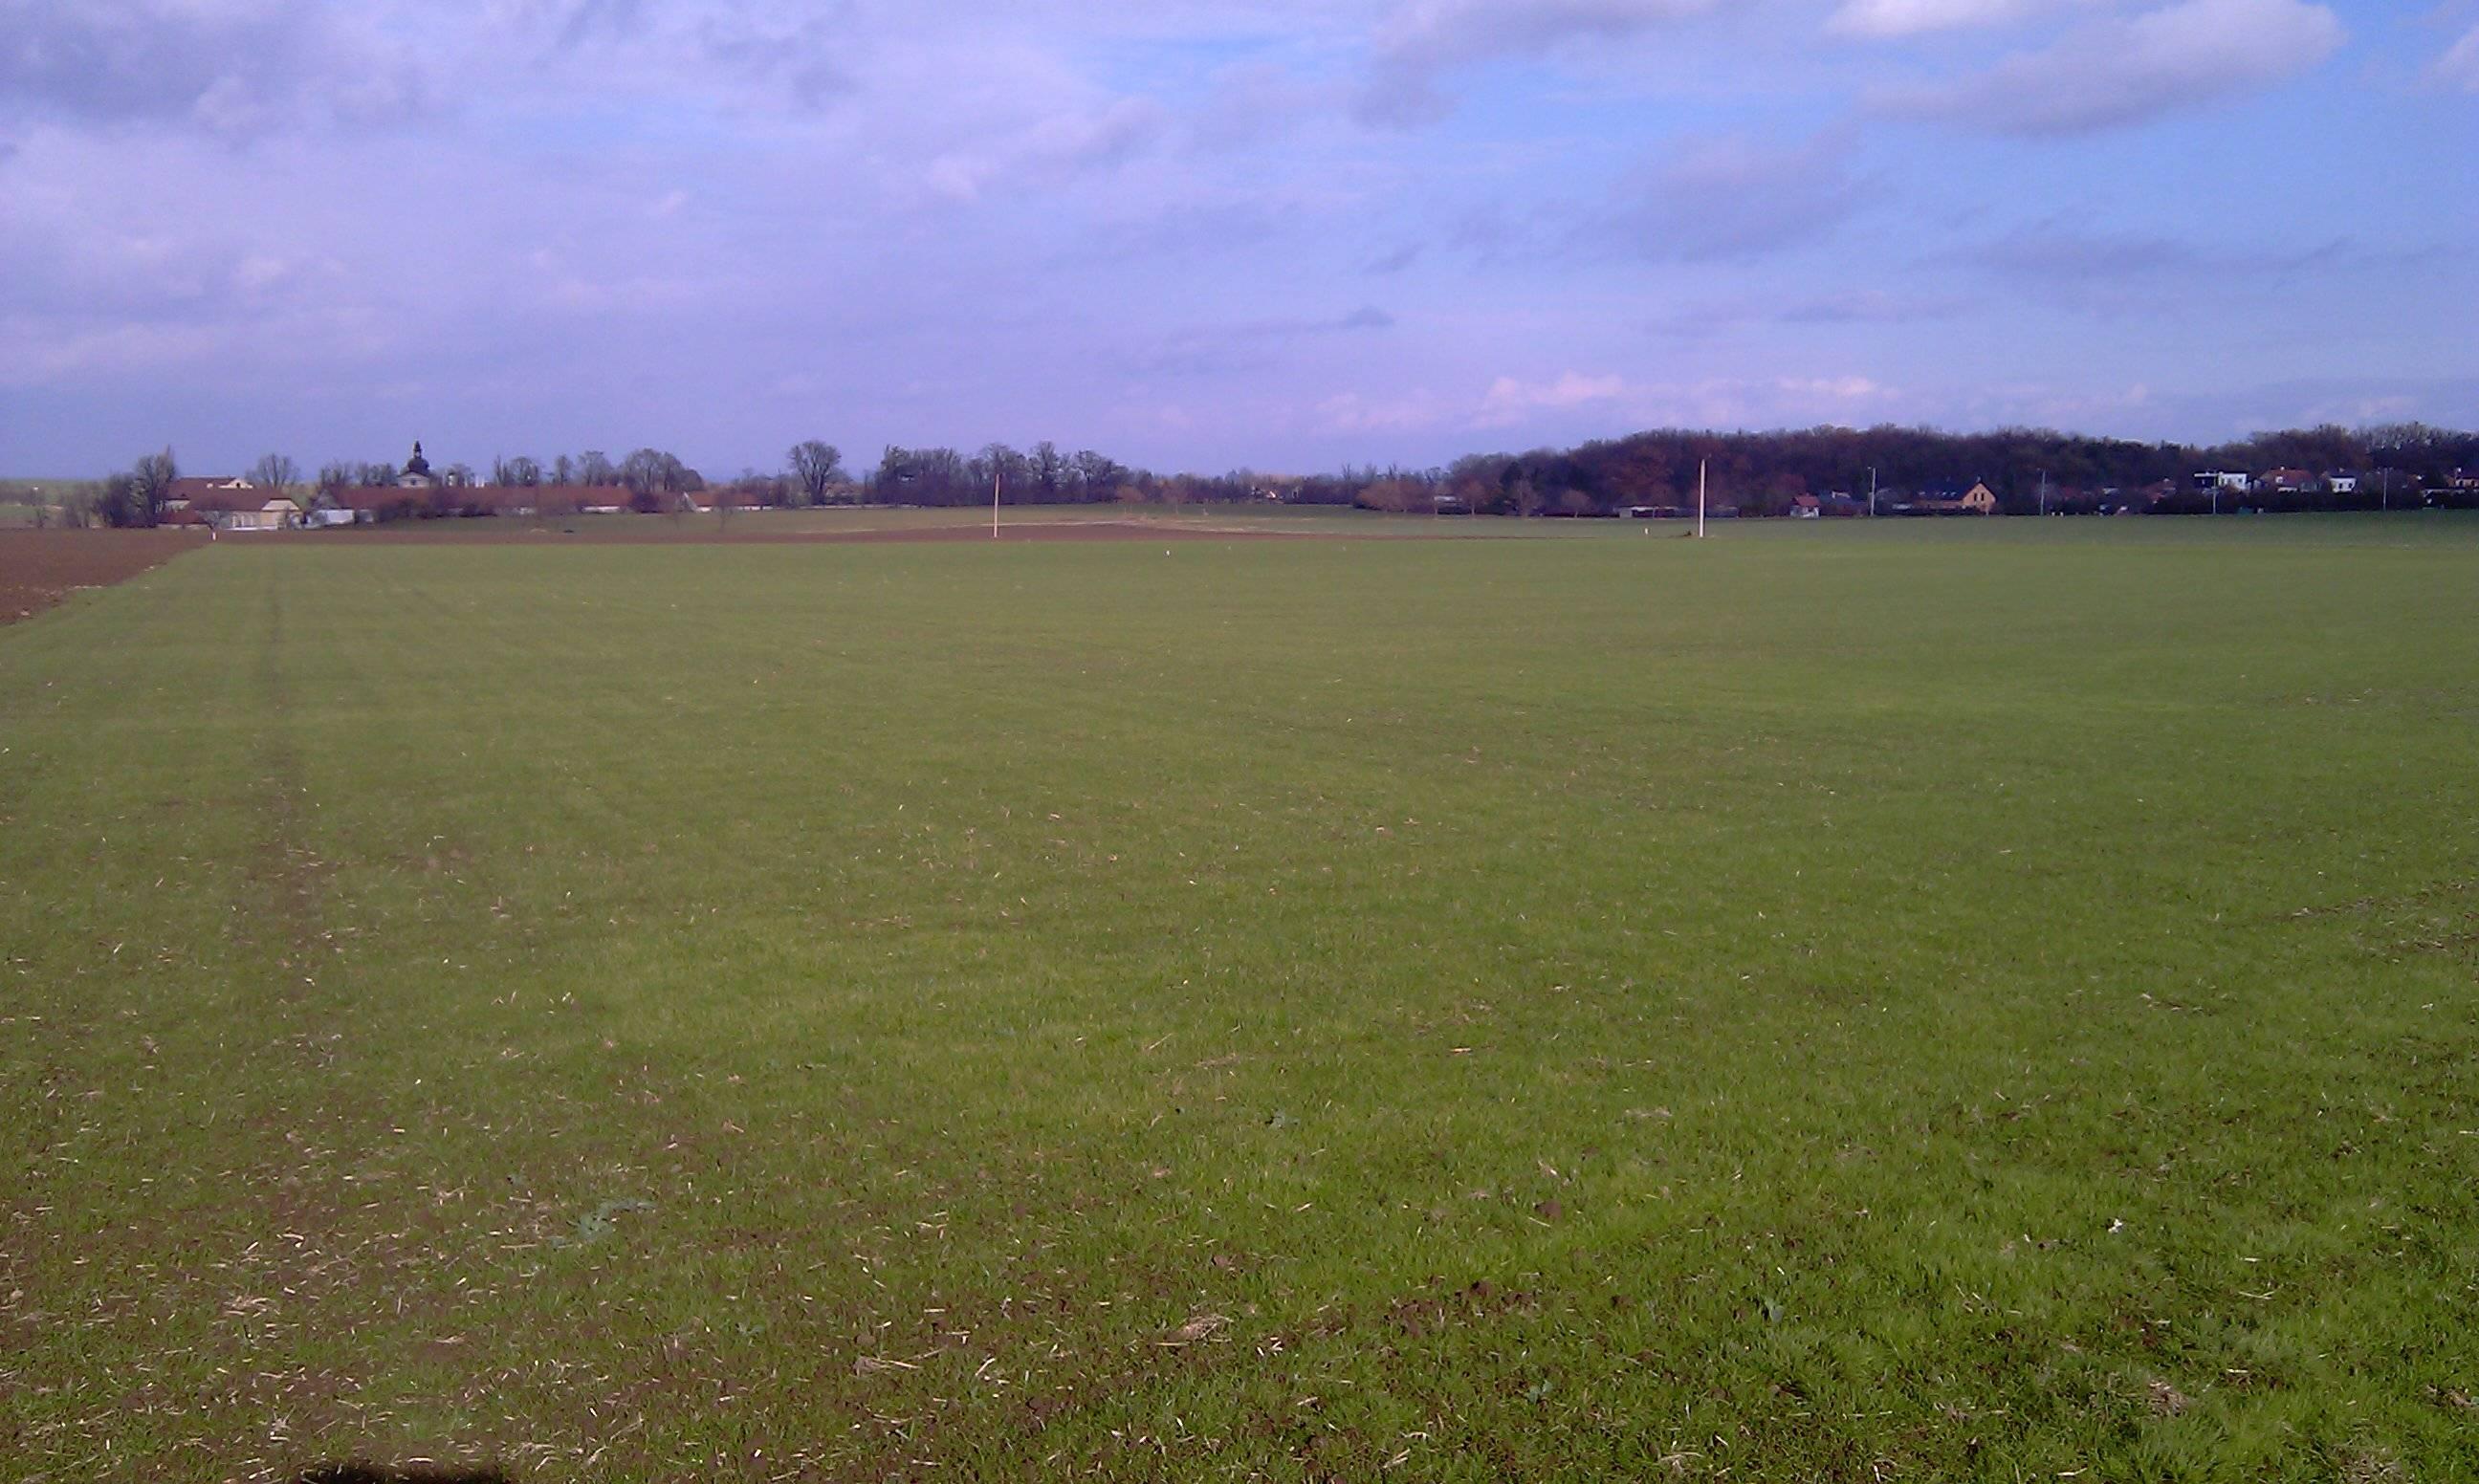 Zamek Field